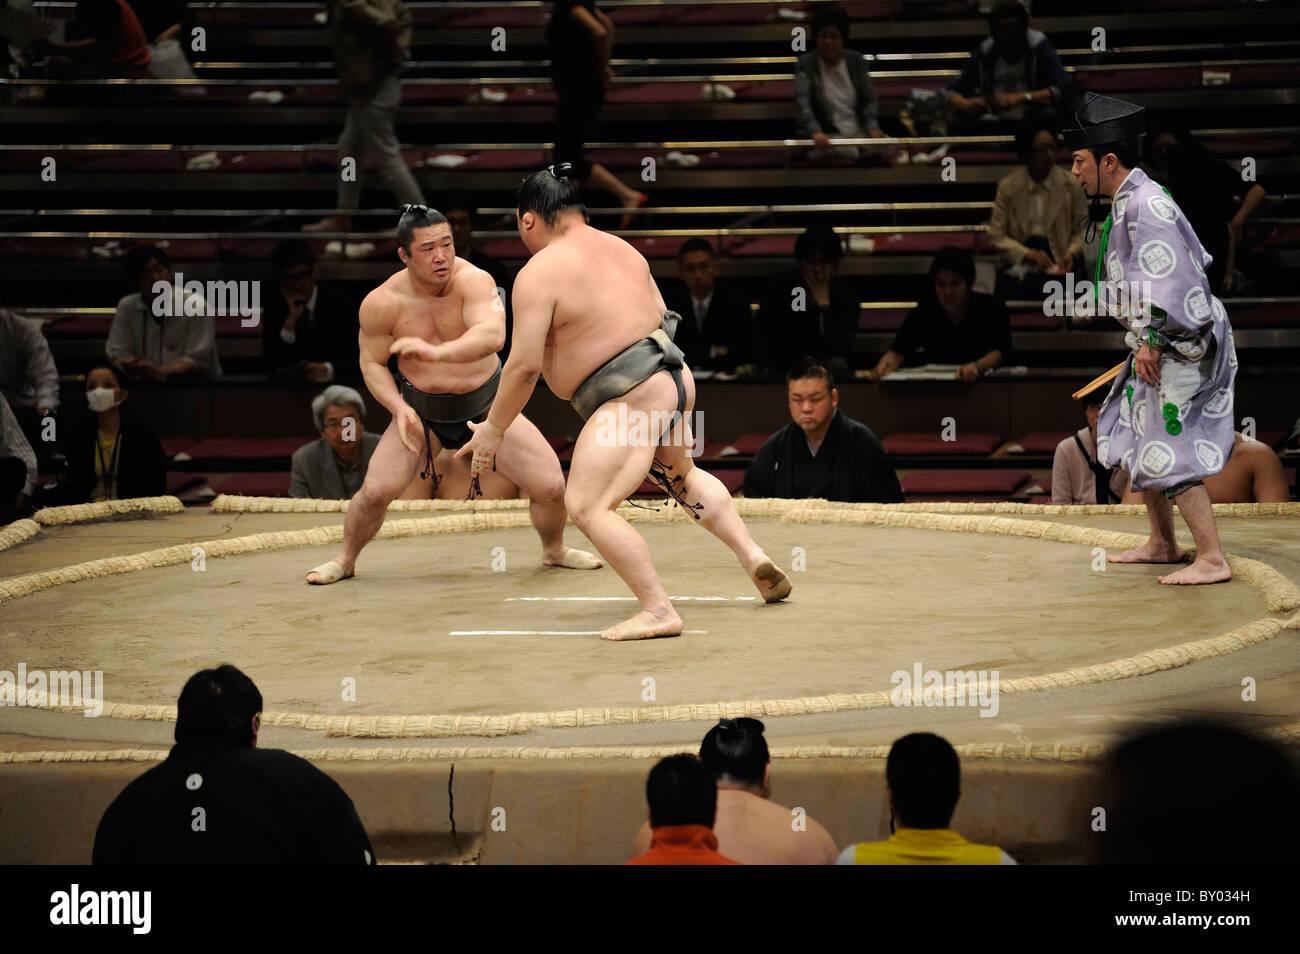 Due lottatori di sumo durante bout, Grandi Campionati di Sumo maggio 2010, Ryogoku Kokugikan, Tokyo, Giappone Immagini Stock